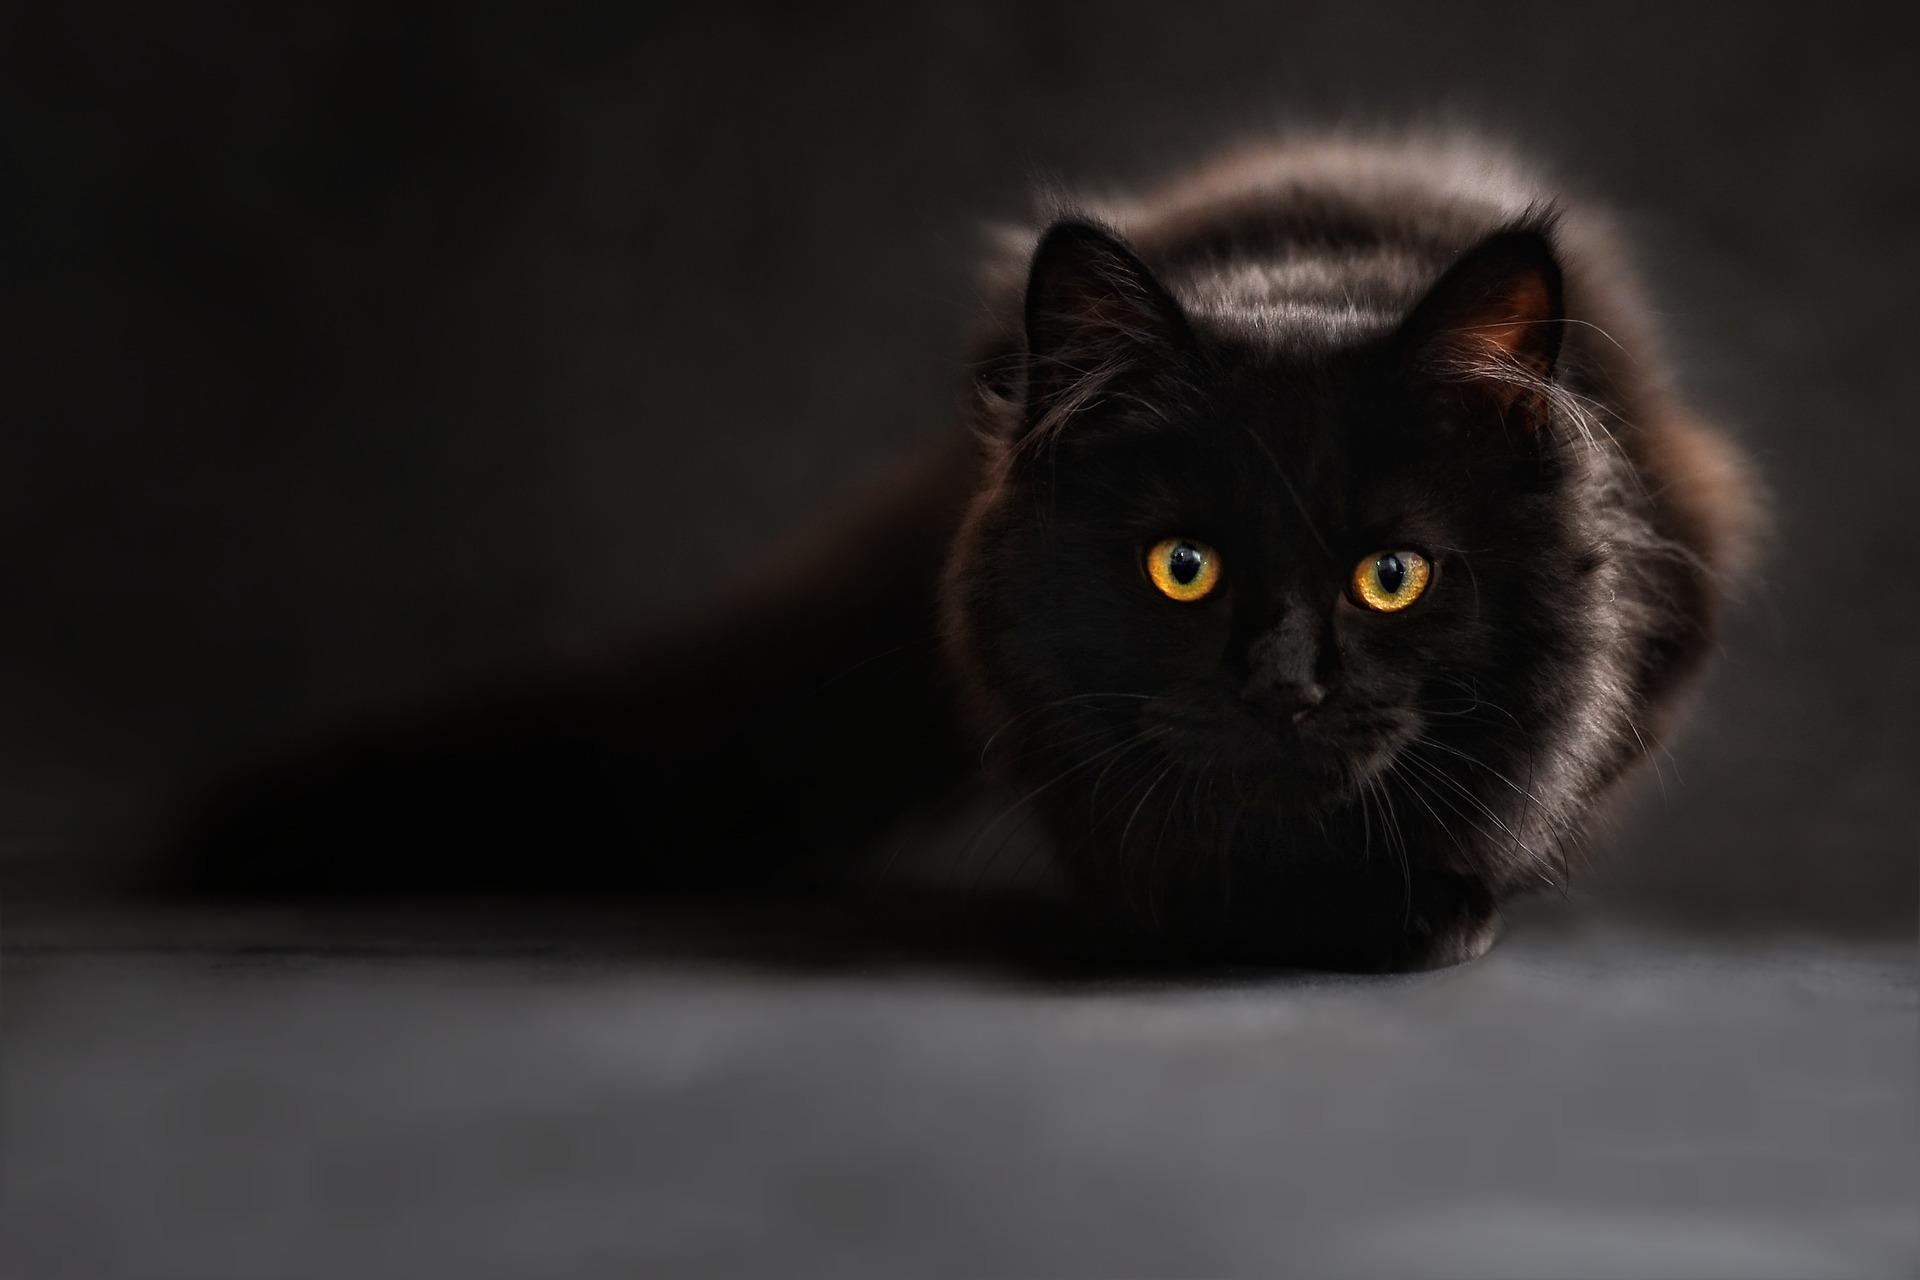 Gatos negros, víctimas de supersticiones y absurdas creencias